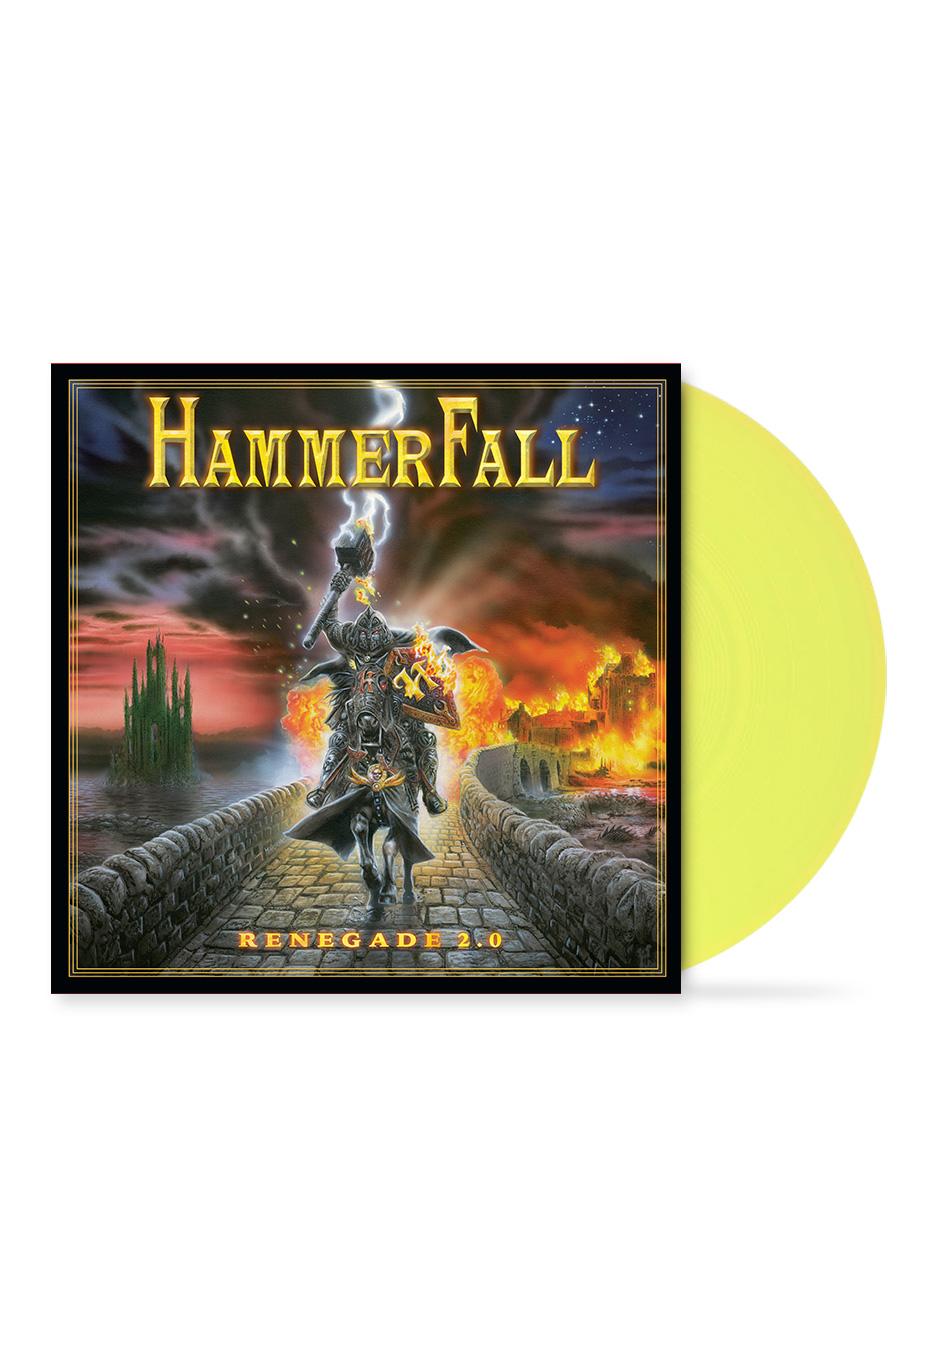 HammerFall - Renegade 2.0 20 Year Anniversary Transparent Yellow - Vinyl